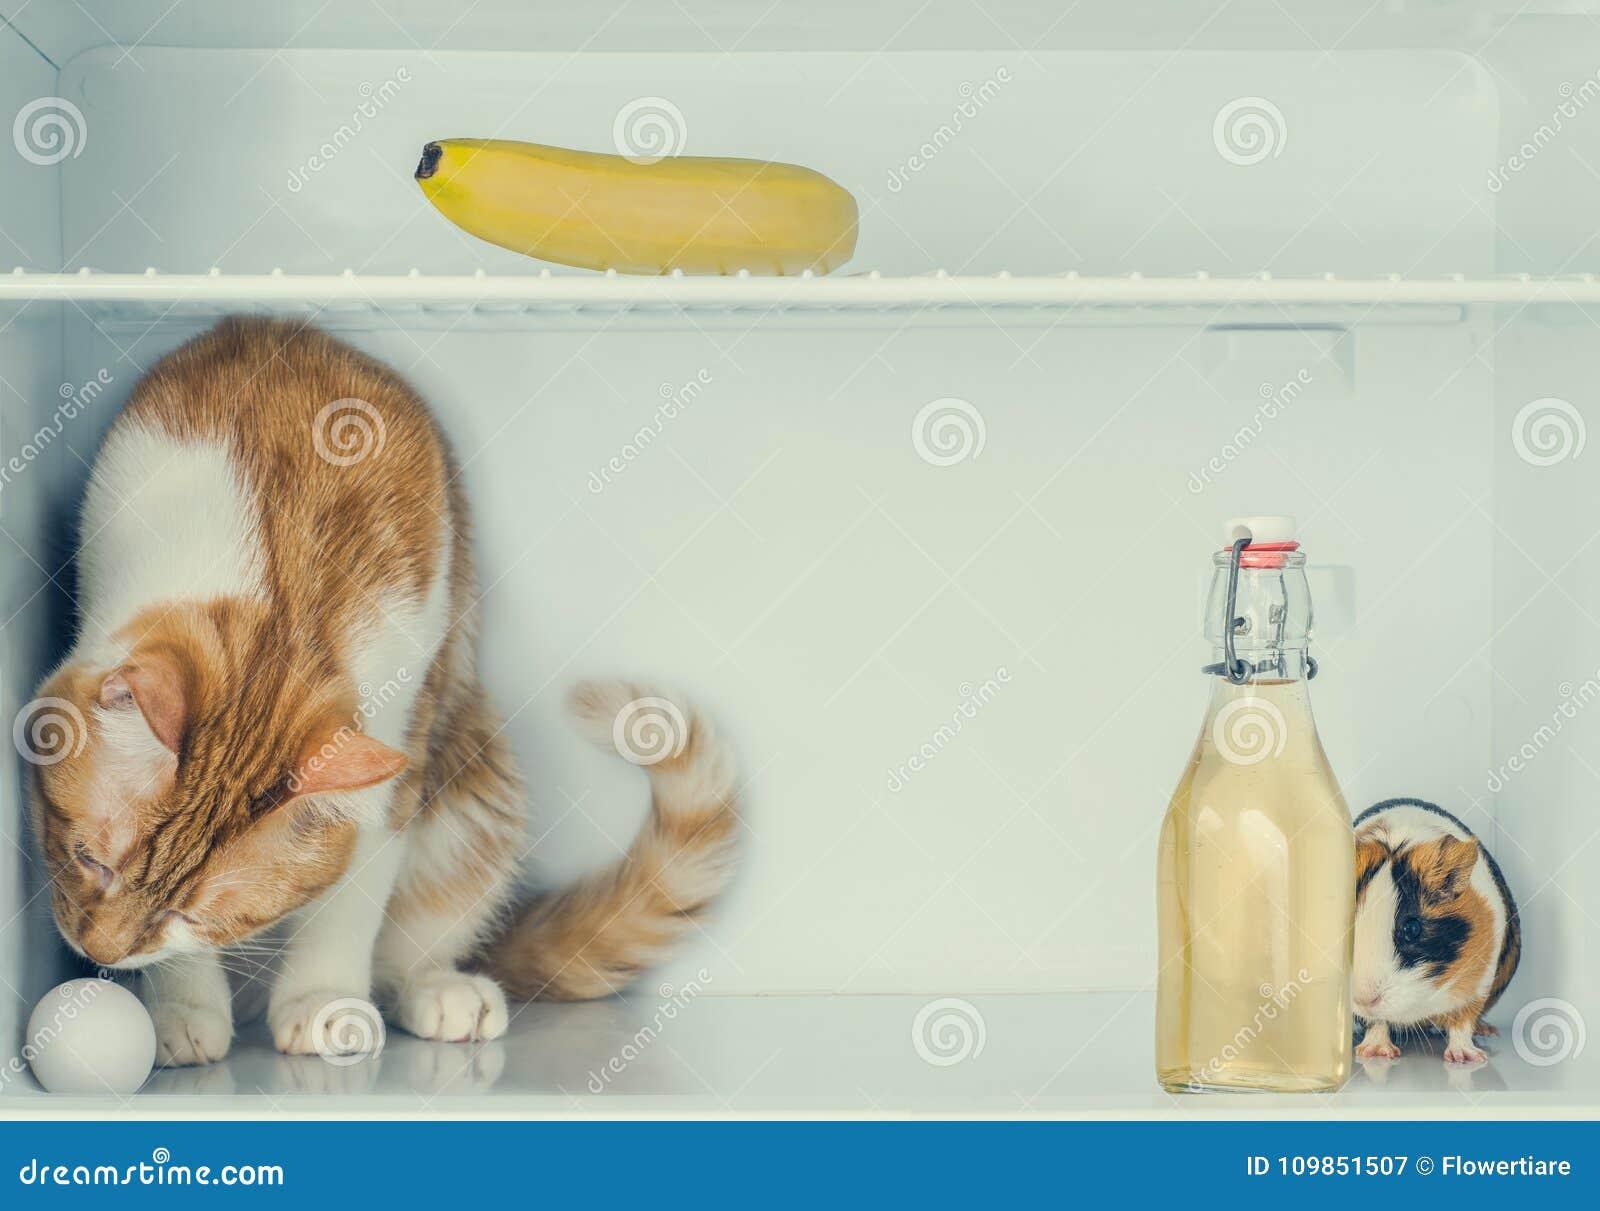 Kühlschrank Ei : Rotes kleines kätzchen das mit ei im kühlschrank mit banane und